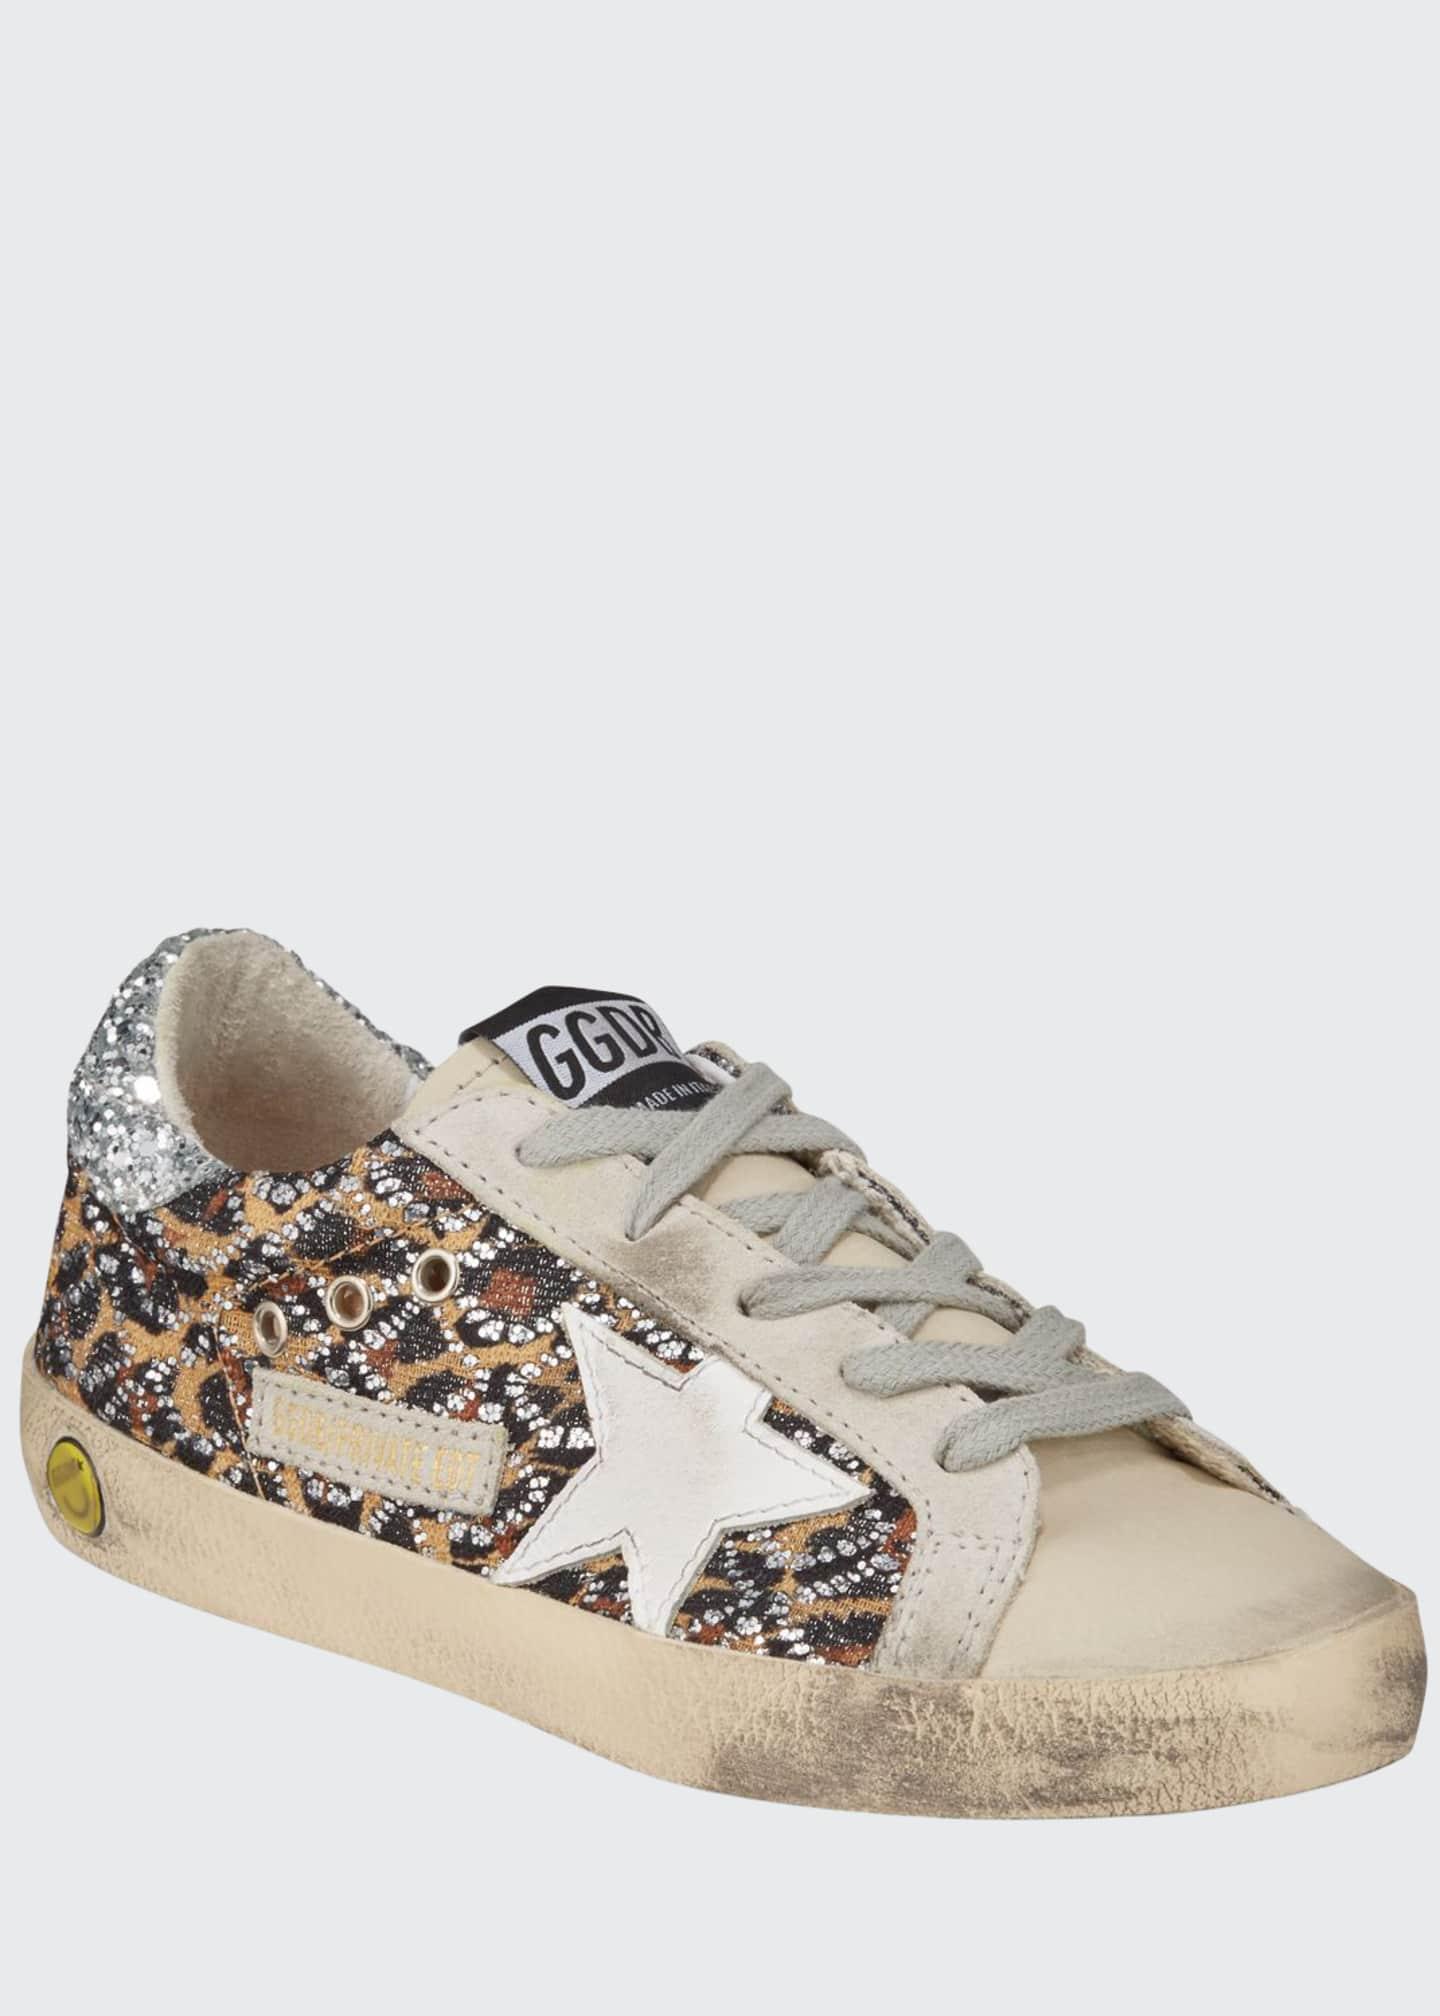 Golden Goose Superstar Leopard Embellished Sneakers, Toddler/Kids